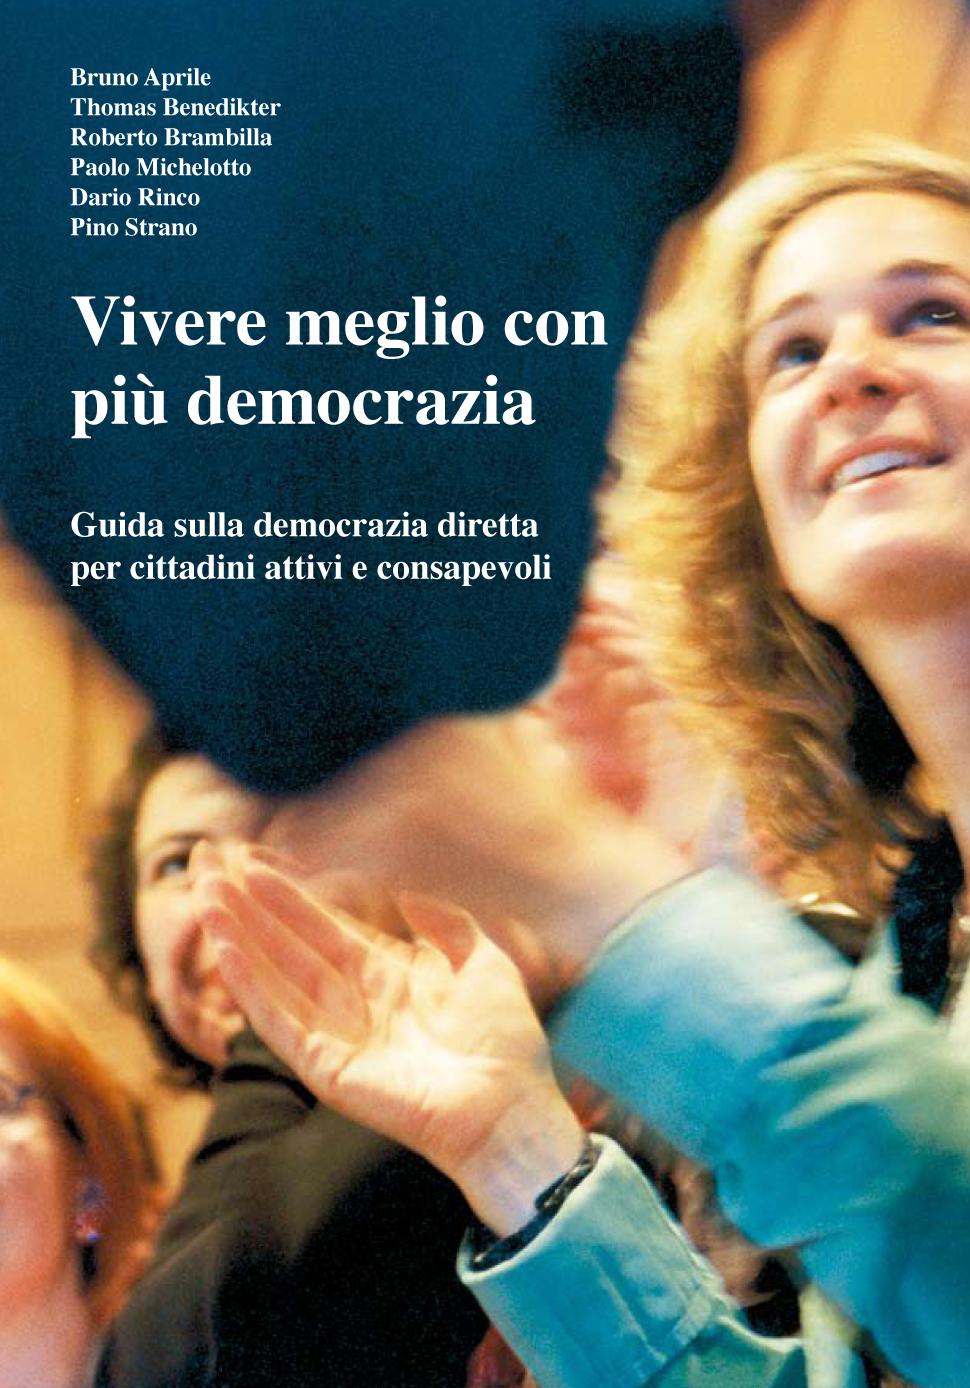 Libro sulla democrazia diretta